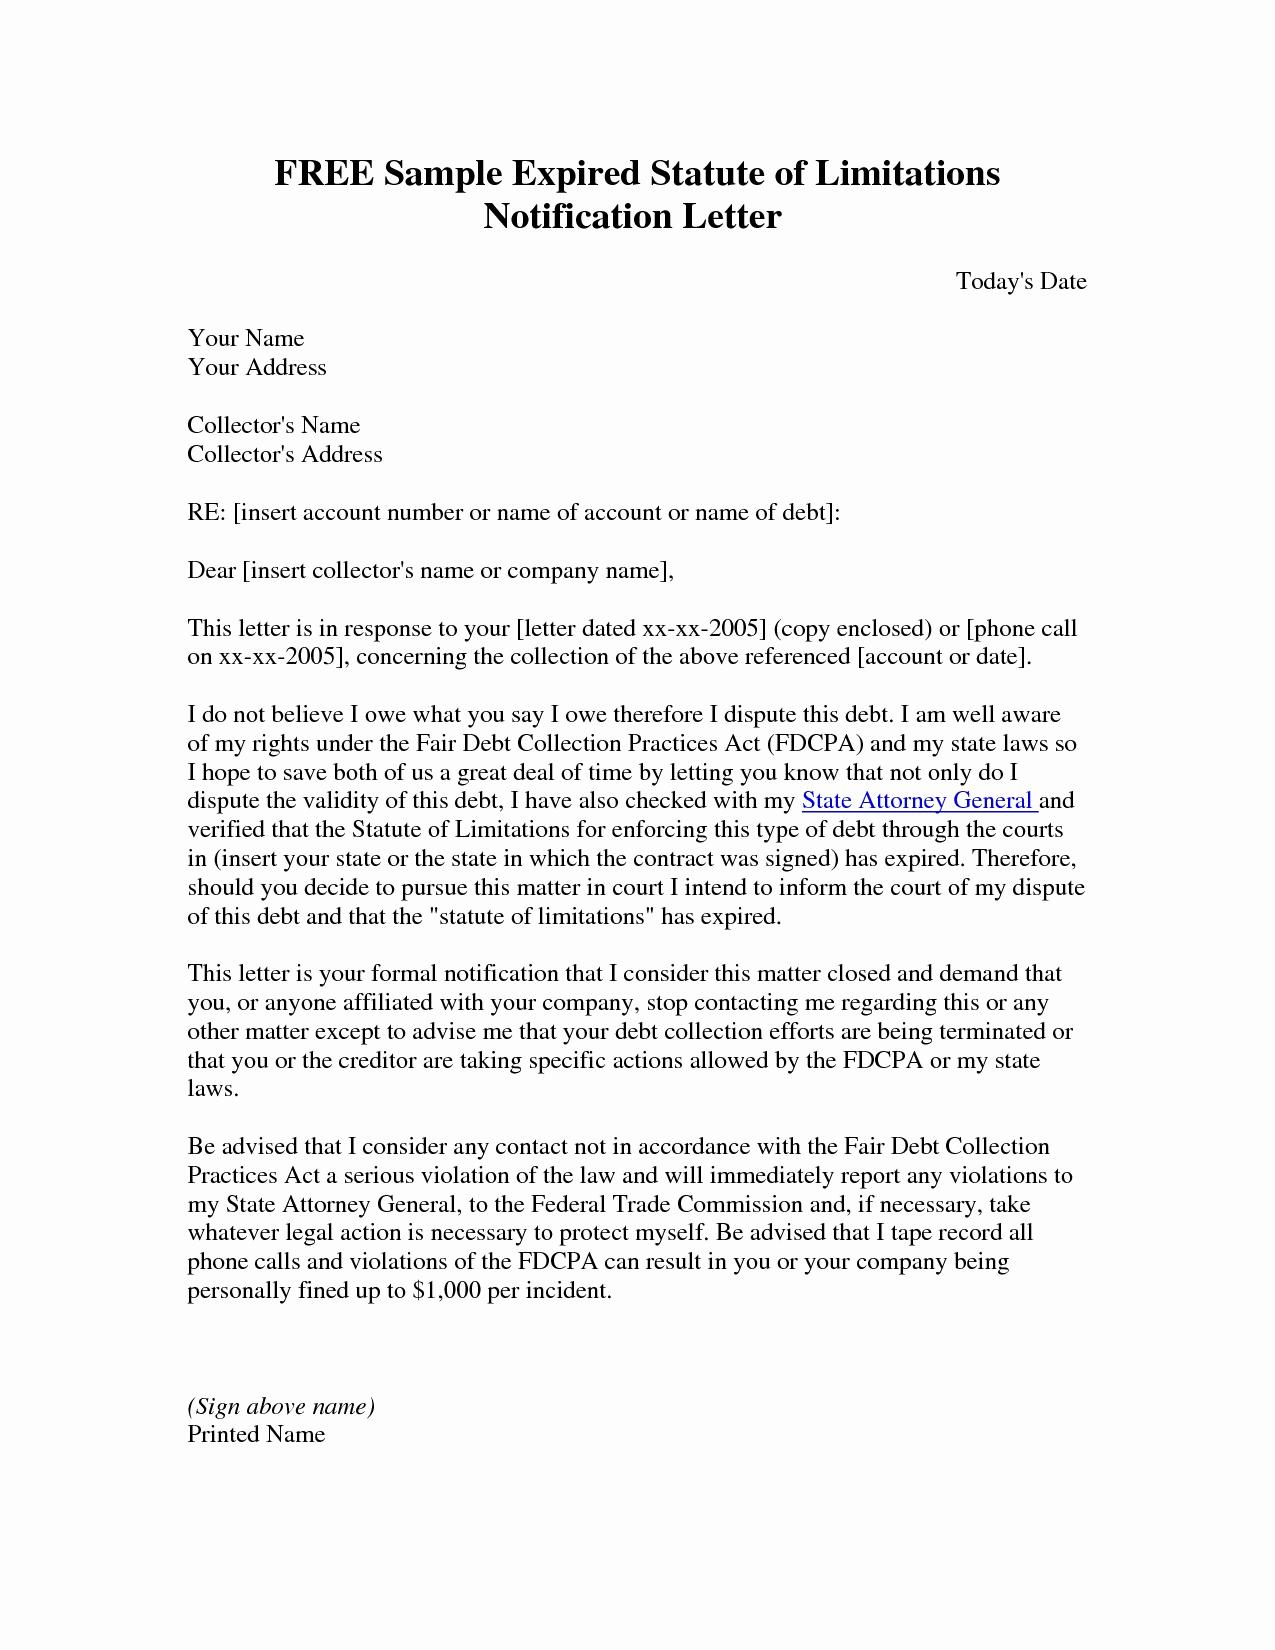 Legal Letter format Template Unique Legal Letter format to Judge